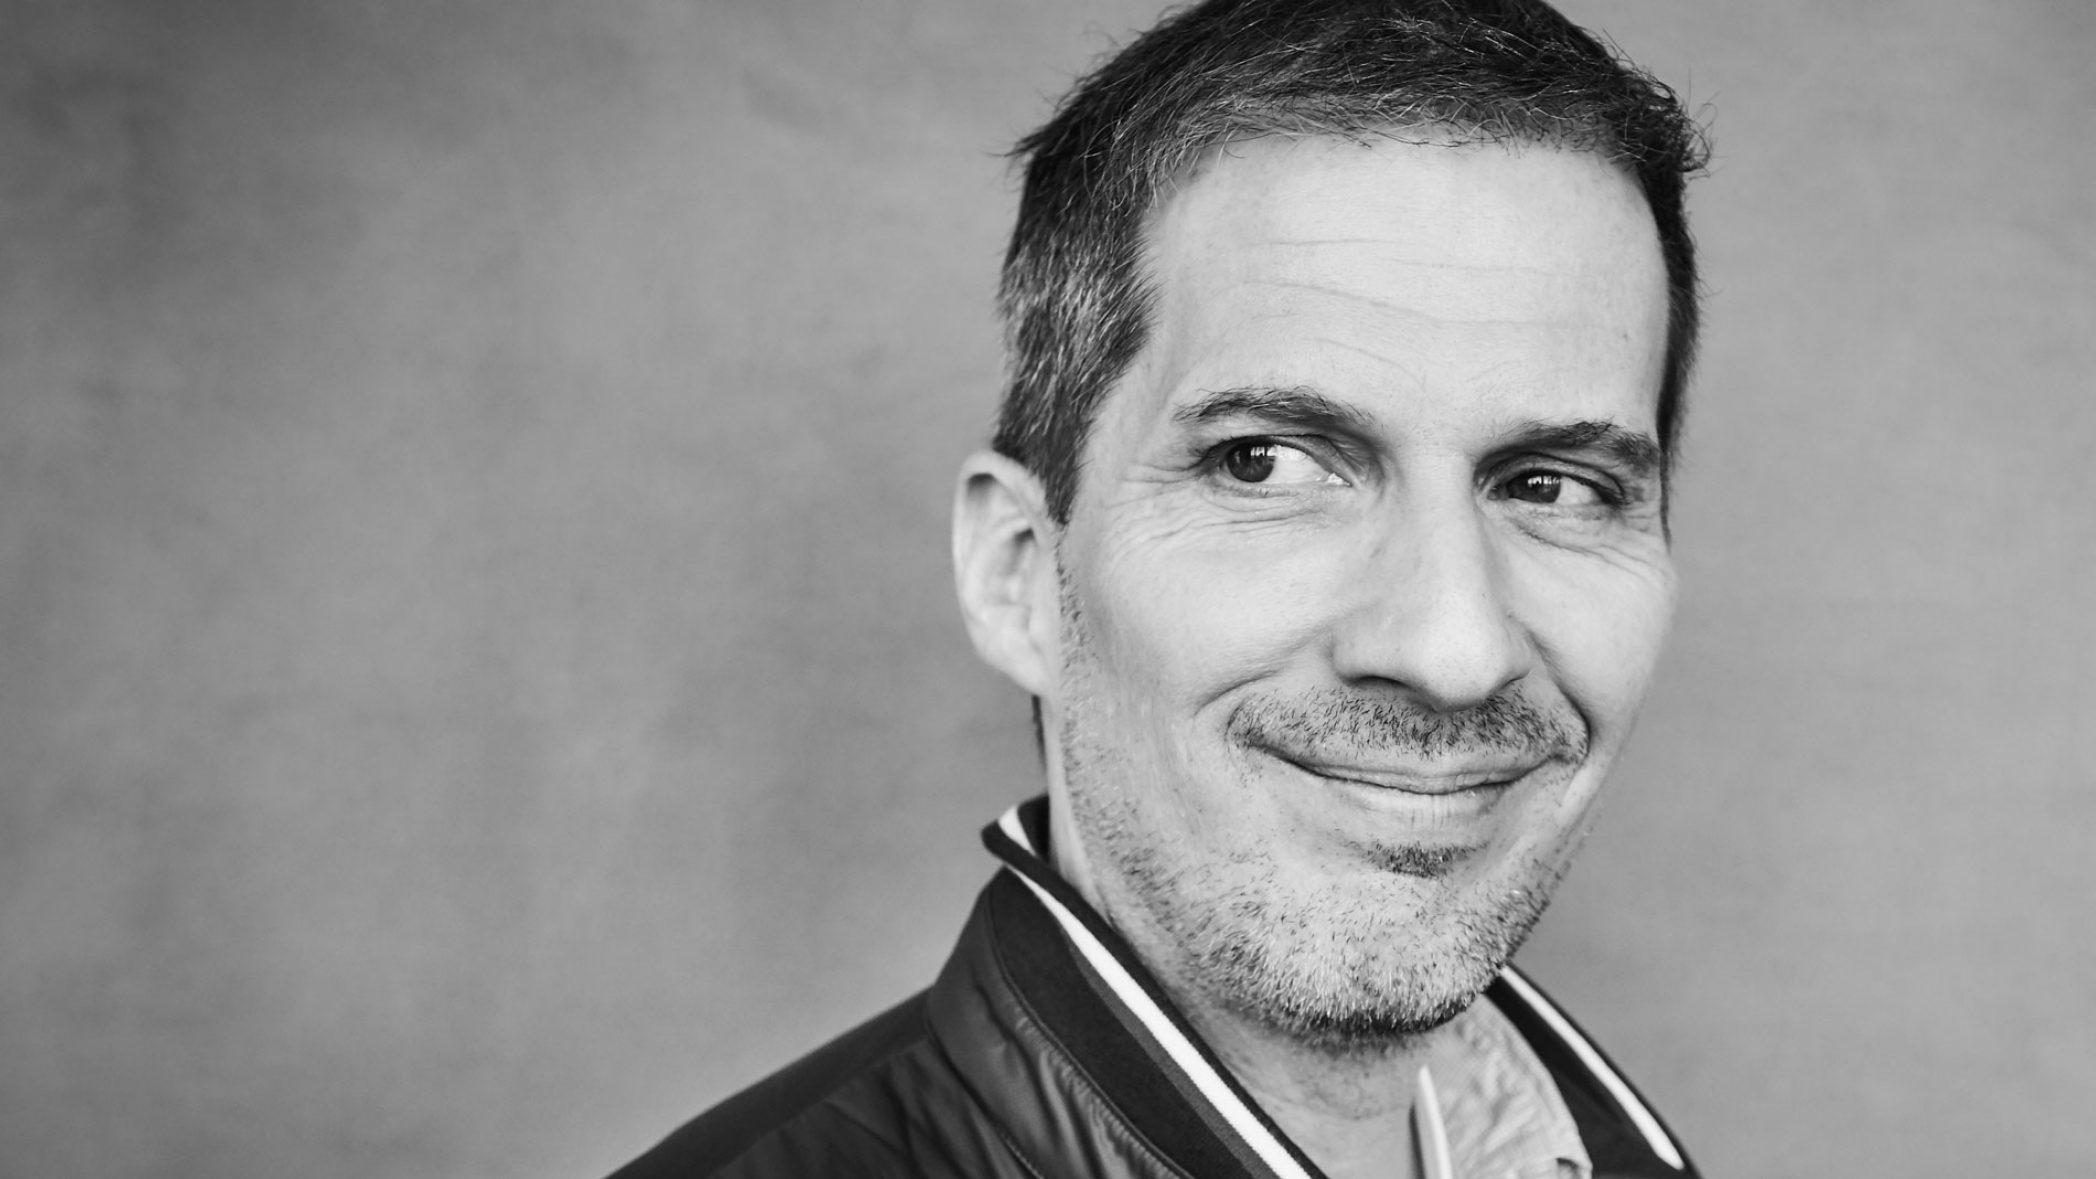 Nominierte Für Den Deutschen Fassaden Preis 2018 Stehen Fest: Christian Becker Erhält Den Bernd Eichinger Preis 2019